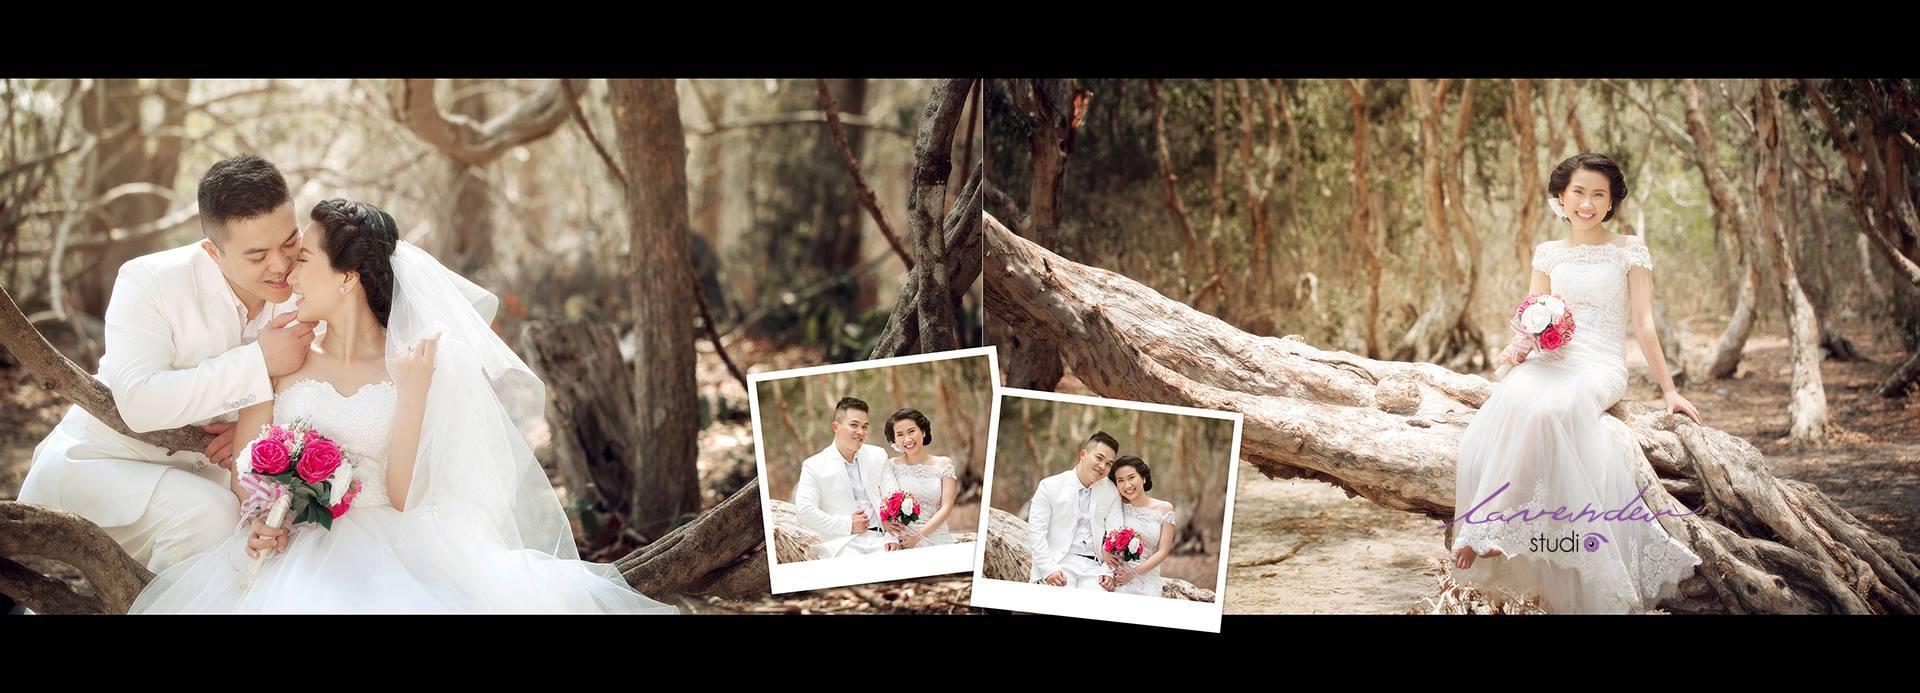 thời gian lý tưởng để chụp hình cưới